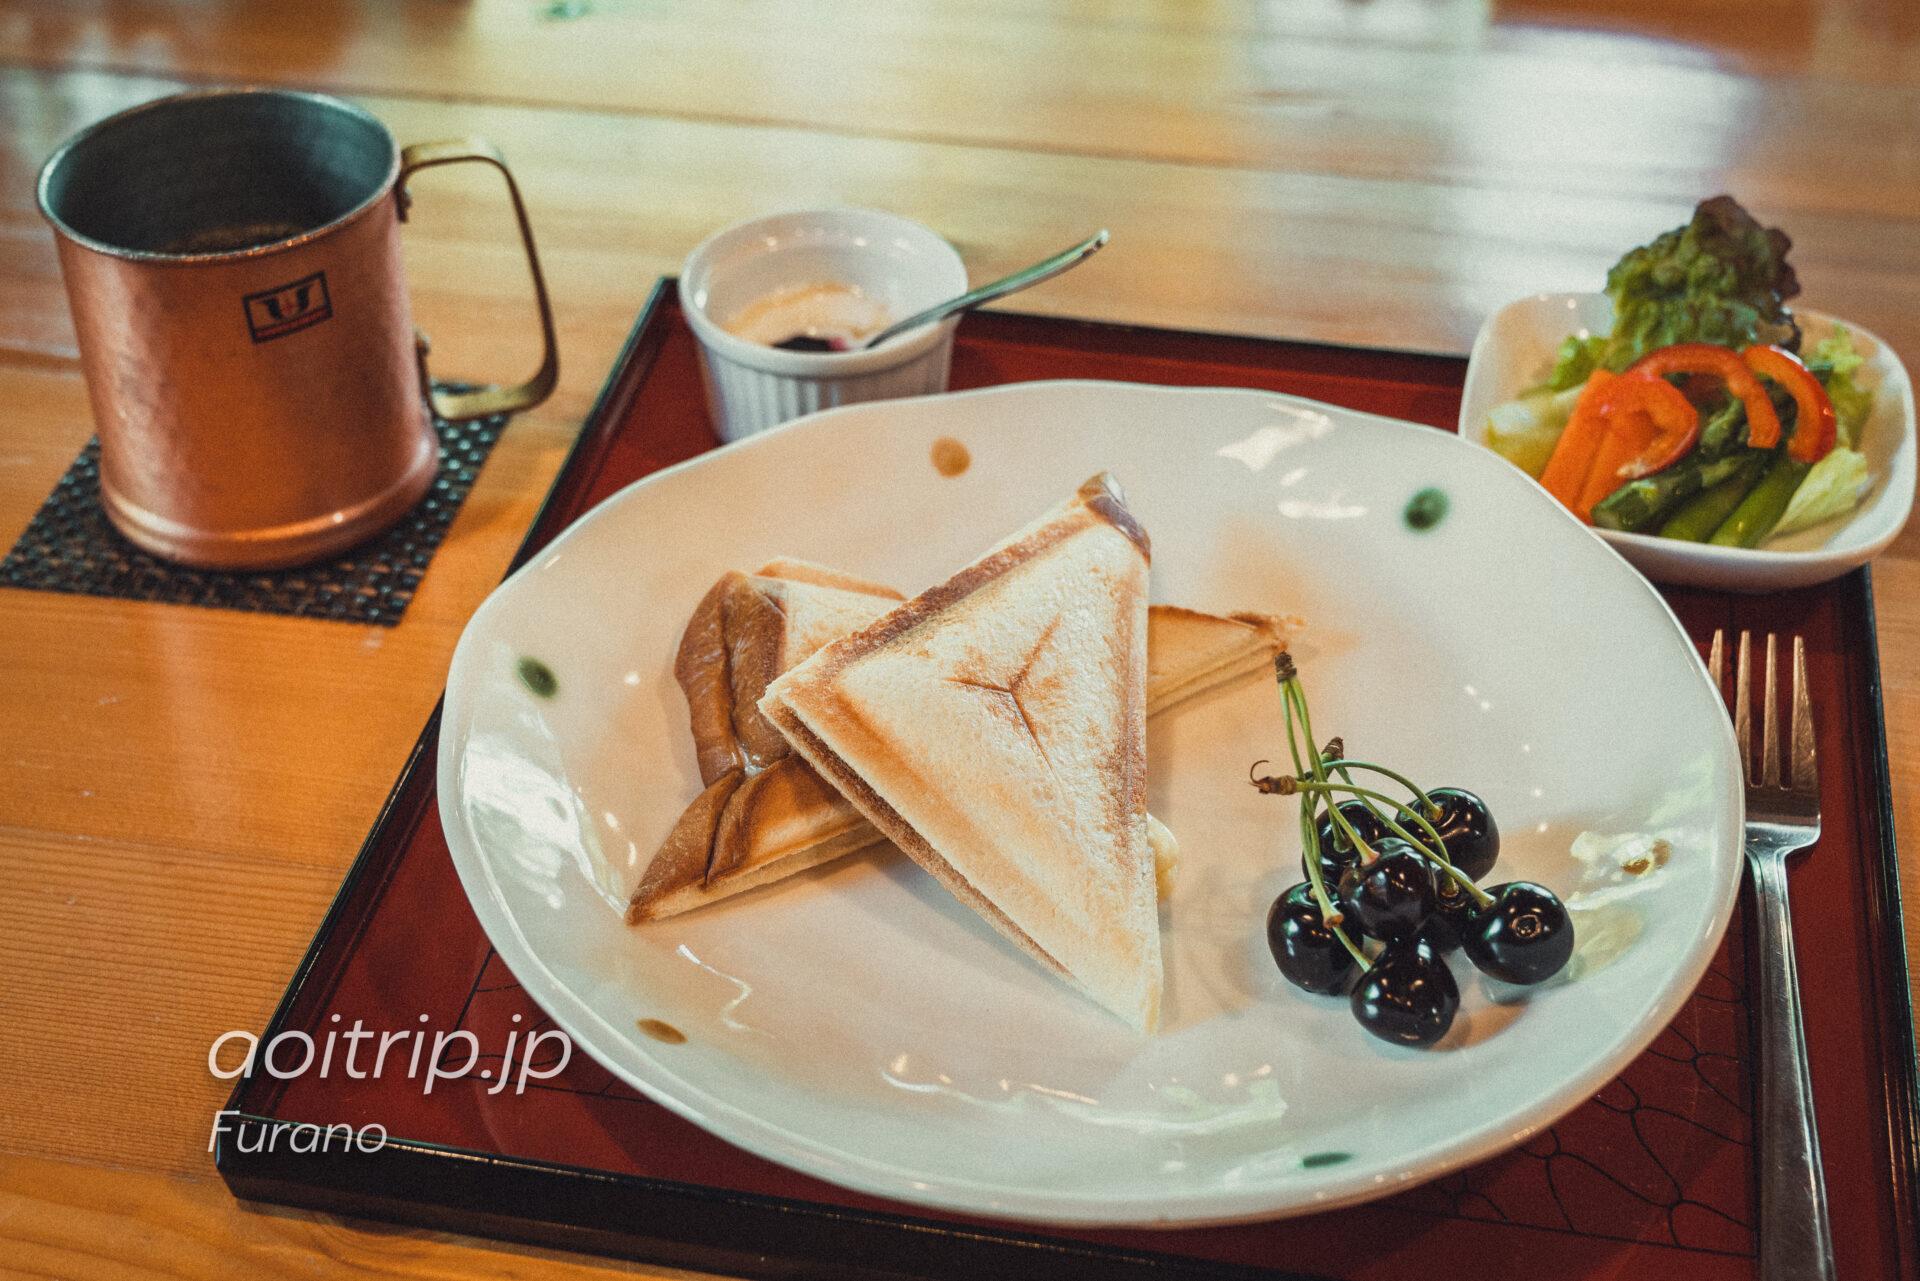 富良野の喫茶・ギャラリー「あかなら(元北時計)」の軽食セット、ホットサンド